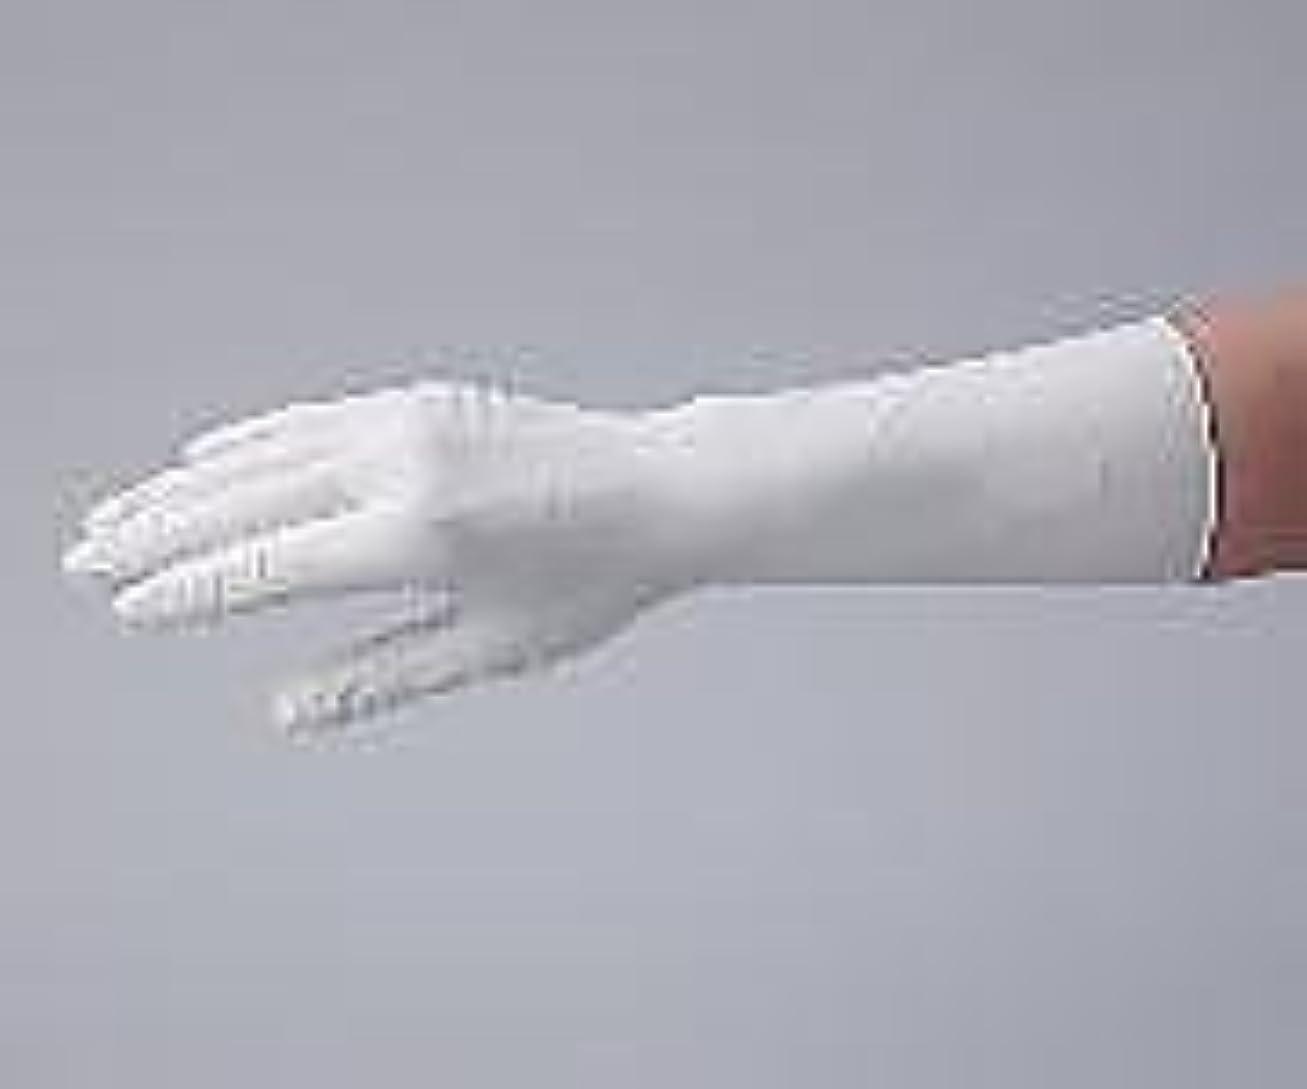 美人マングルスラッシュアズピュア(アズワン)1-2324-55アズピュアクリーンファーストニトリル手袋(ペアタイプ)クリーンパックXL左右各50枚×10袋入